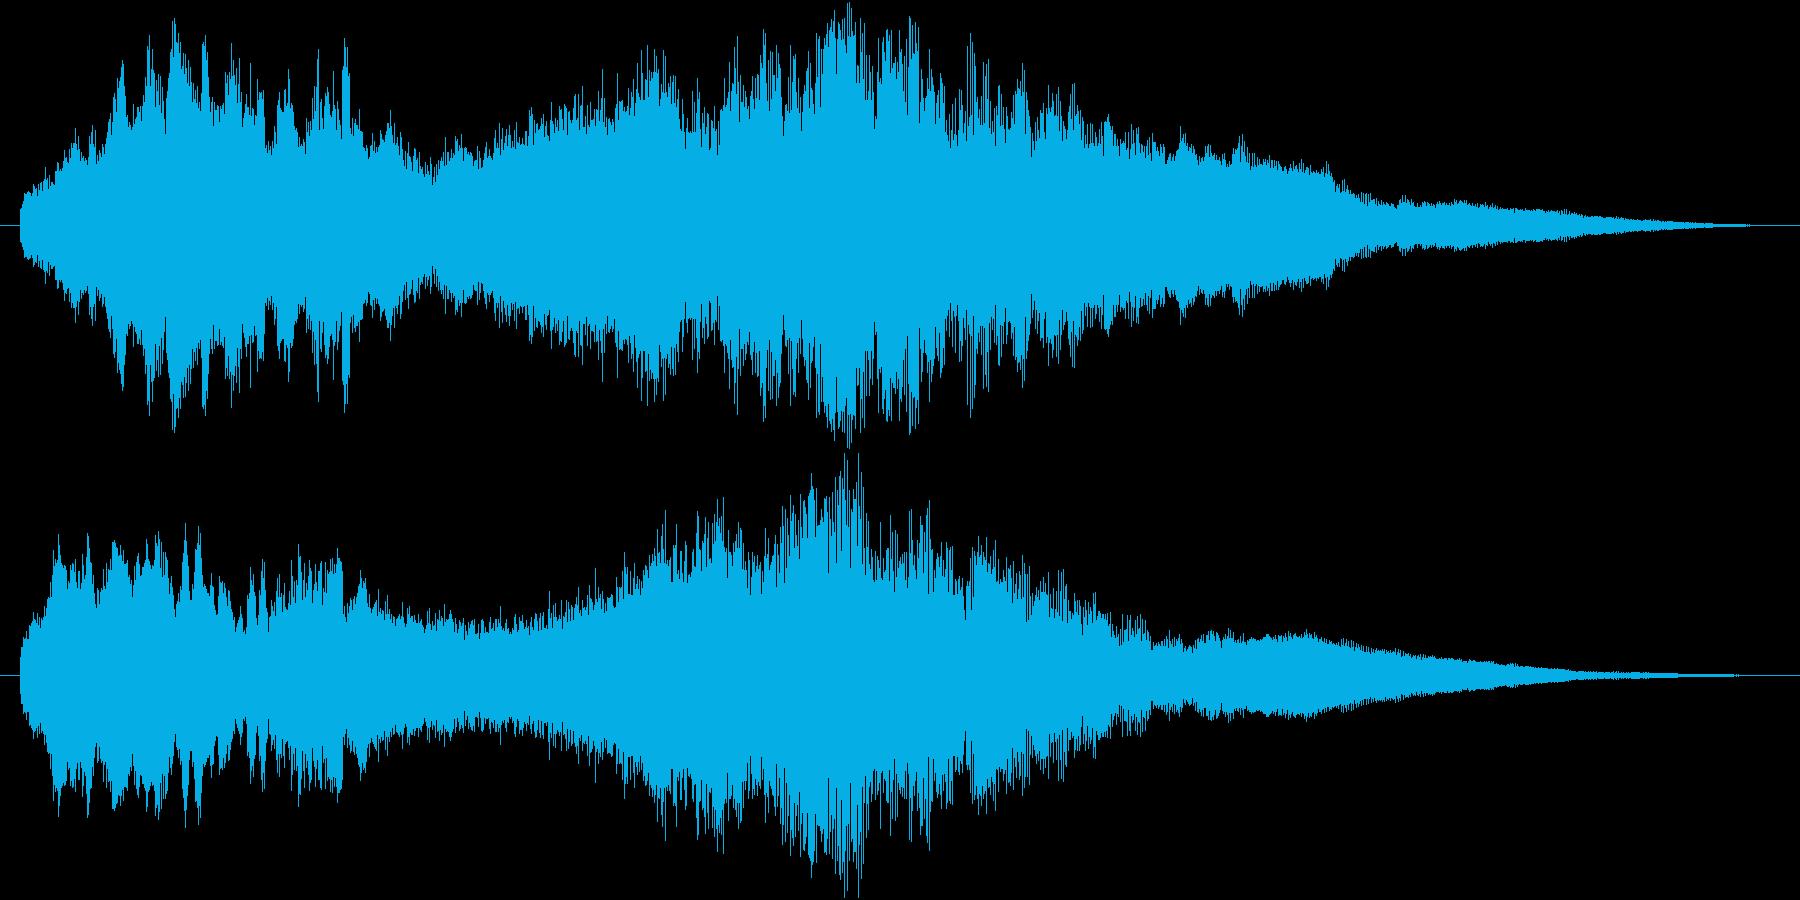 美しく温かみのあるインスピレーションロゴの再生済みの波形